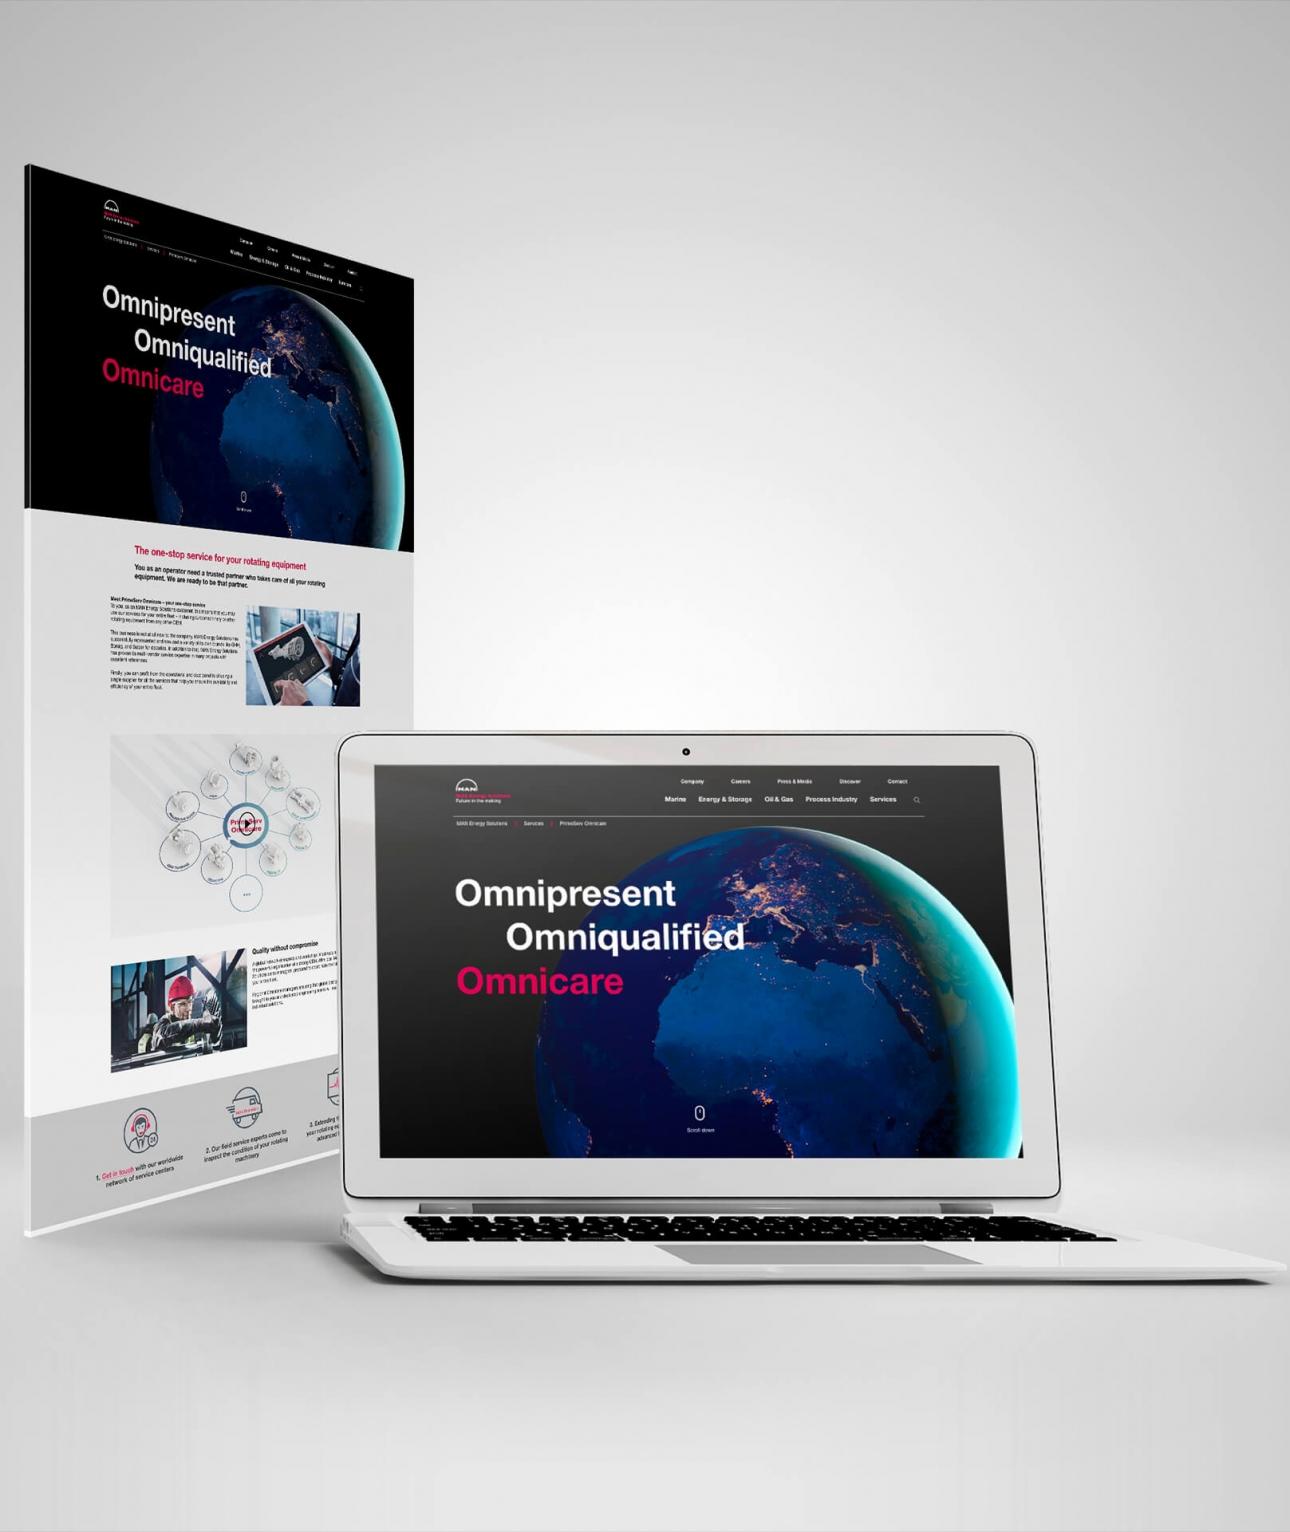 Gestaltung der Landingpage für die Omnicare Kampagne zur Markeneinführung